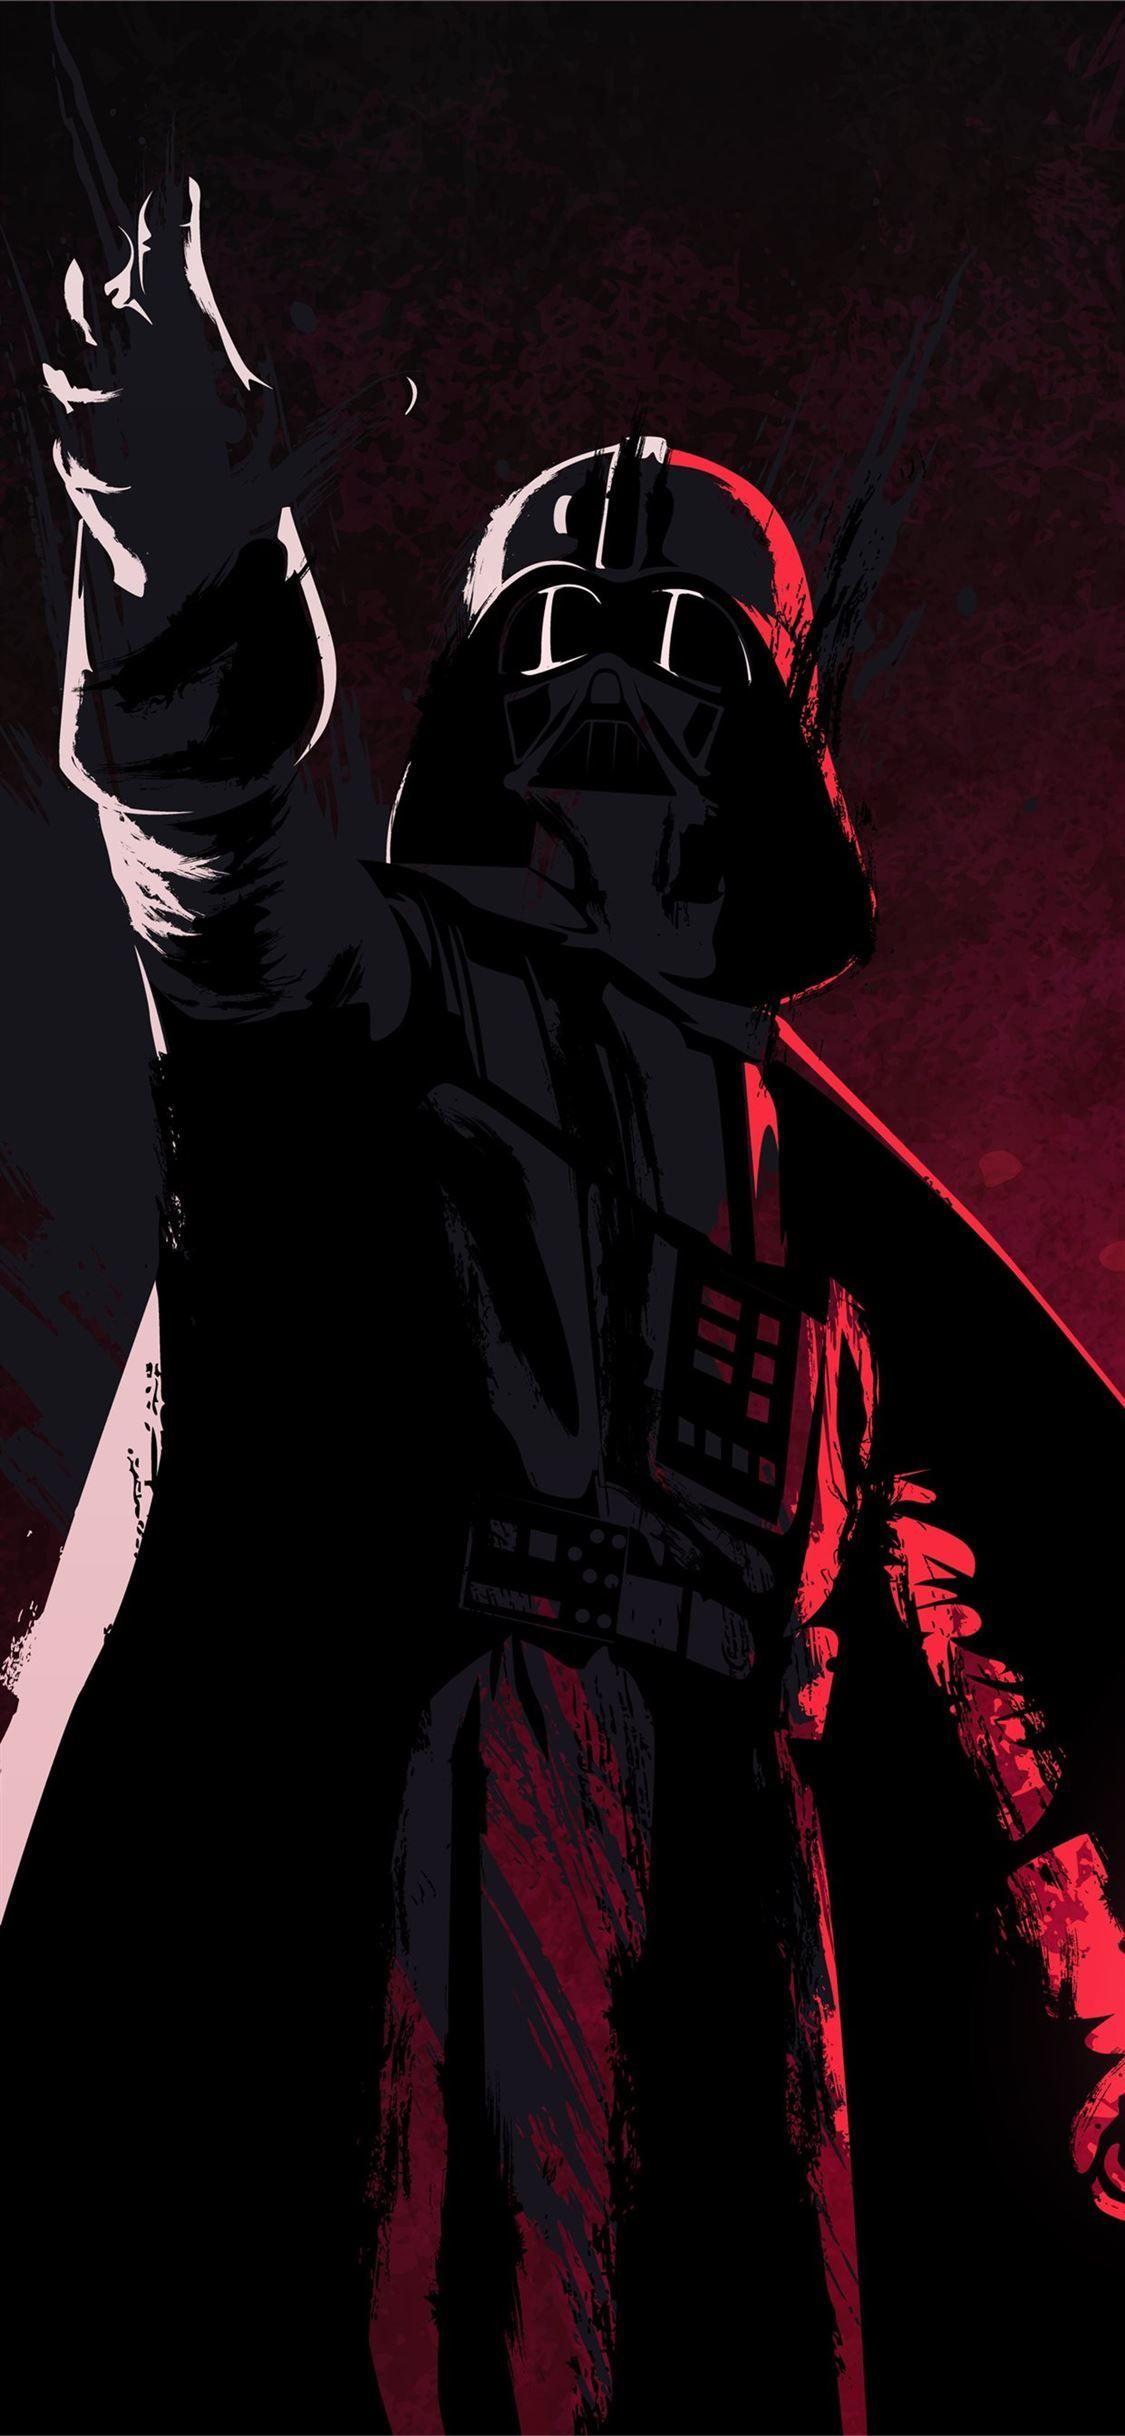 Darth Vader Wallpaper 4k Iphone : darth, vader, wallpaper, iphone, IPhone, Wallpapers, Darth, Vader, Wallpaper, Iphone,, Wallpaper,